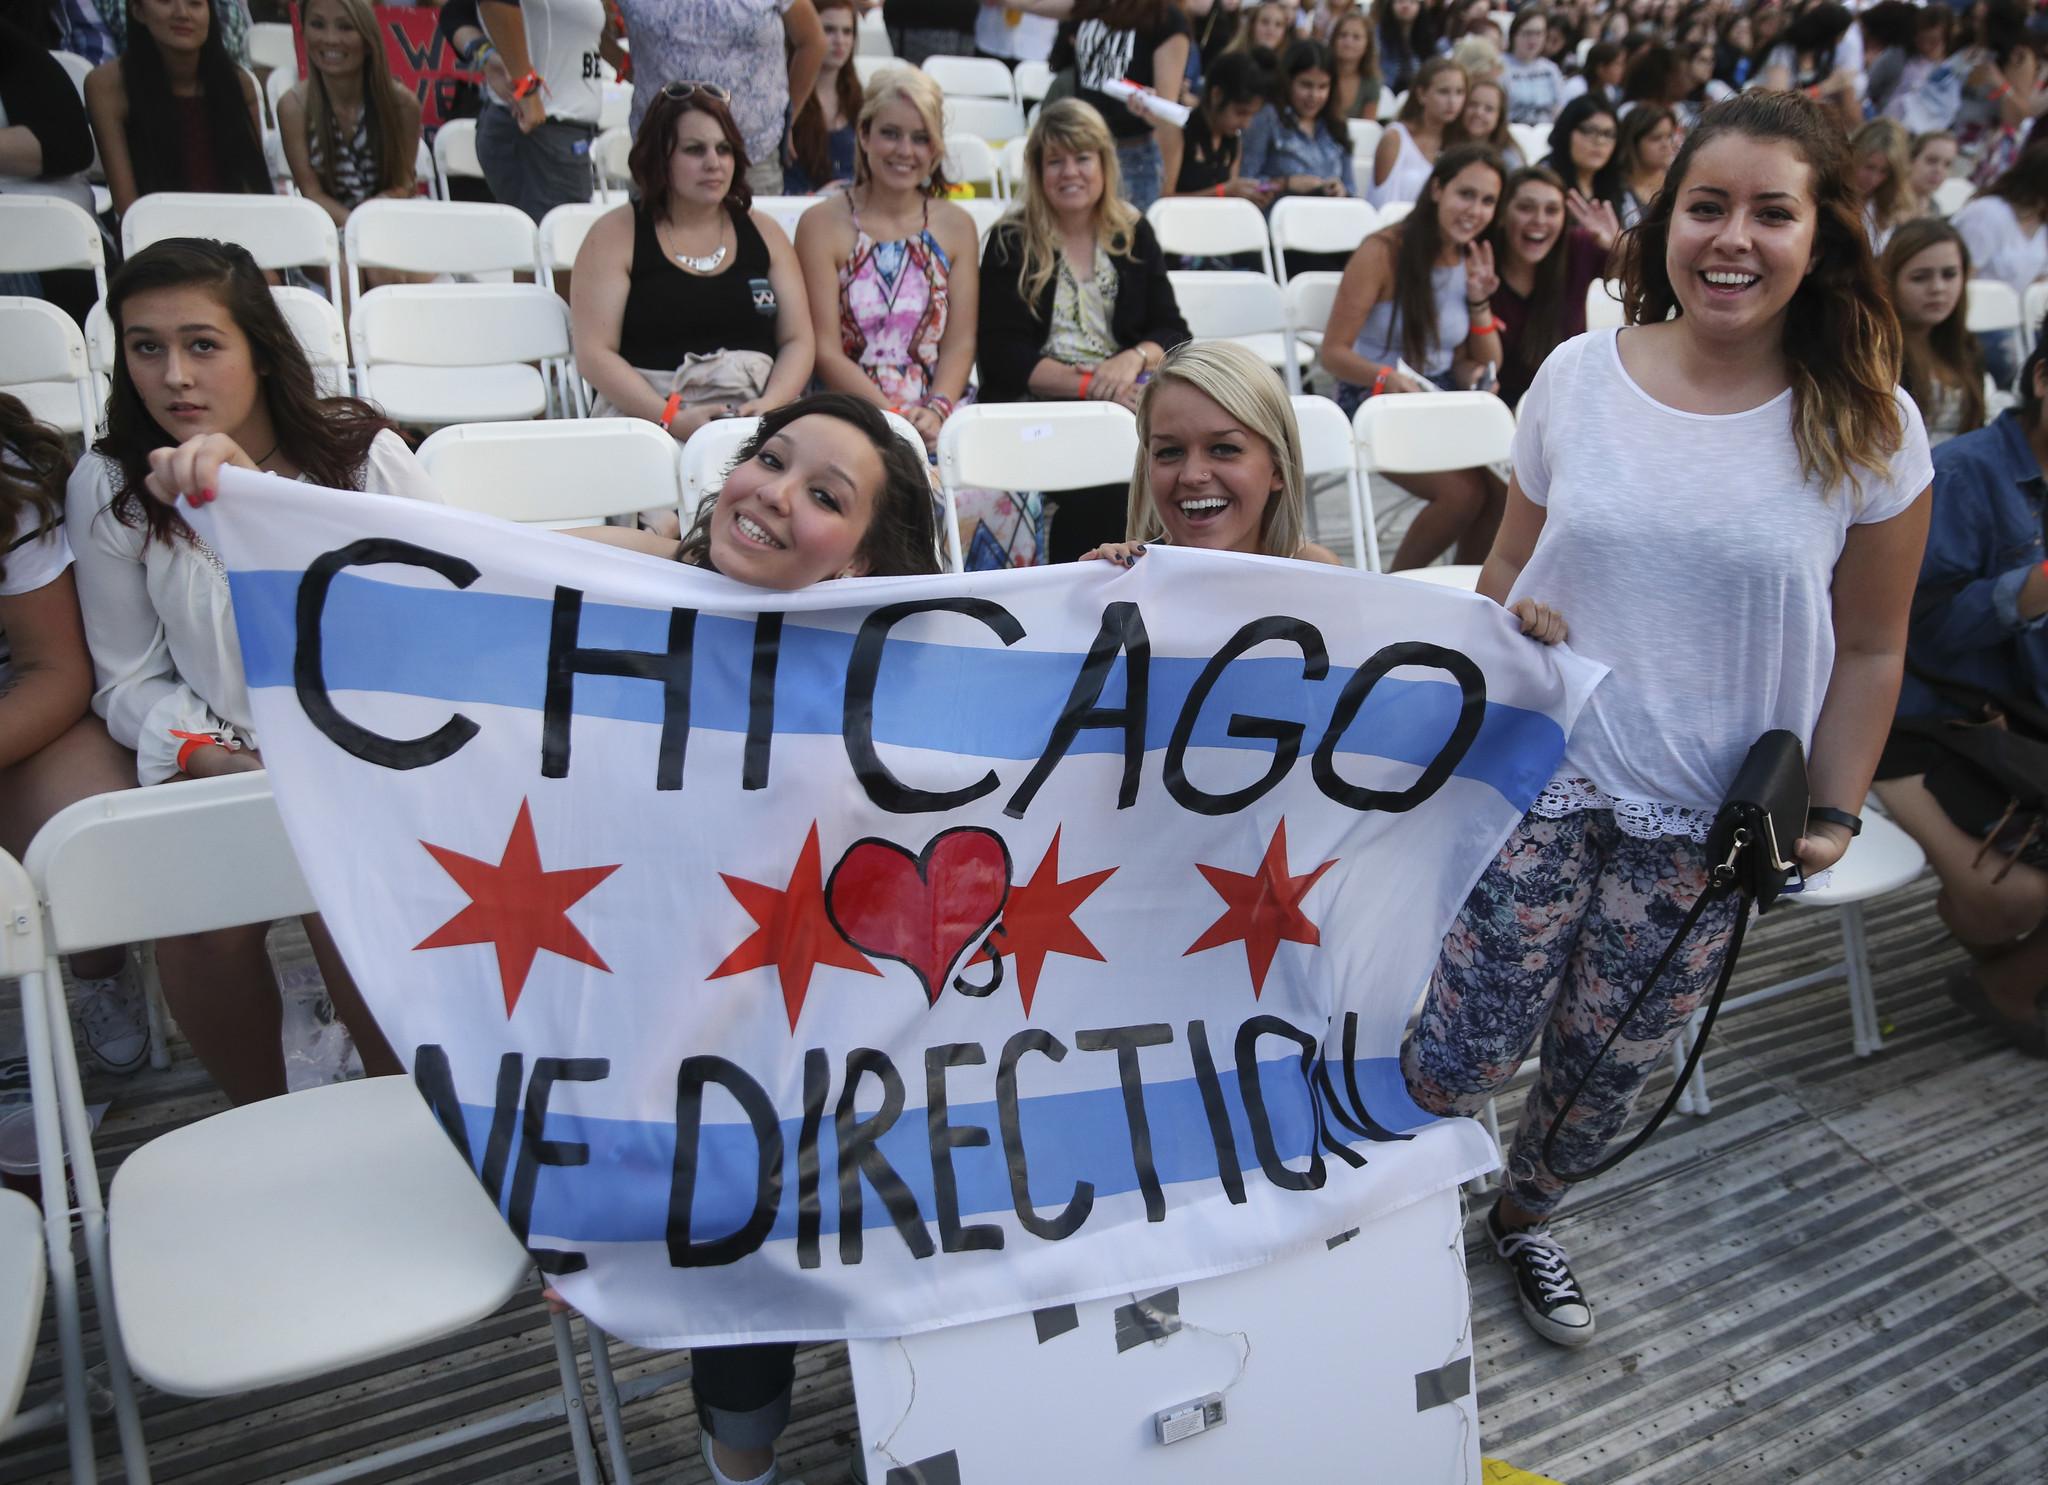 One Direction assures fans split won't be permanent